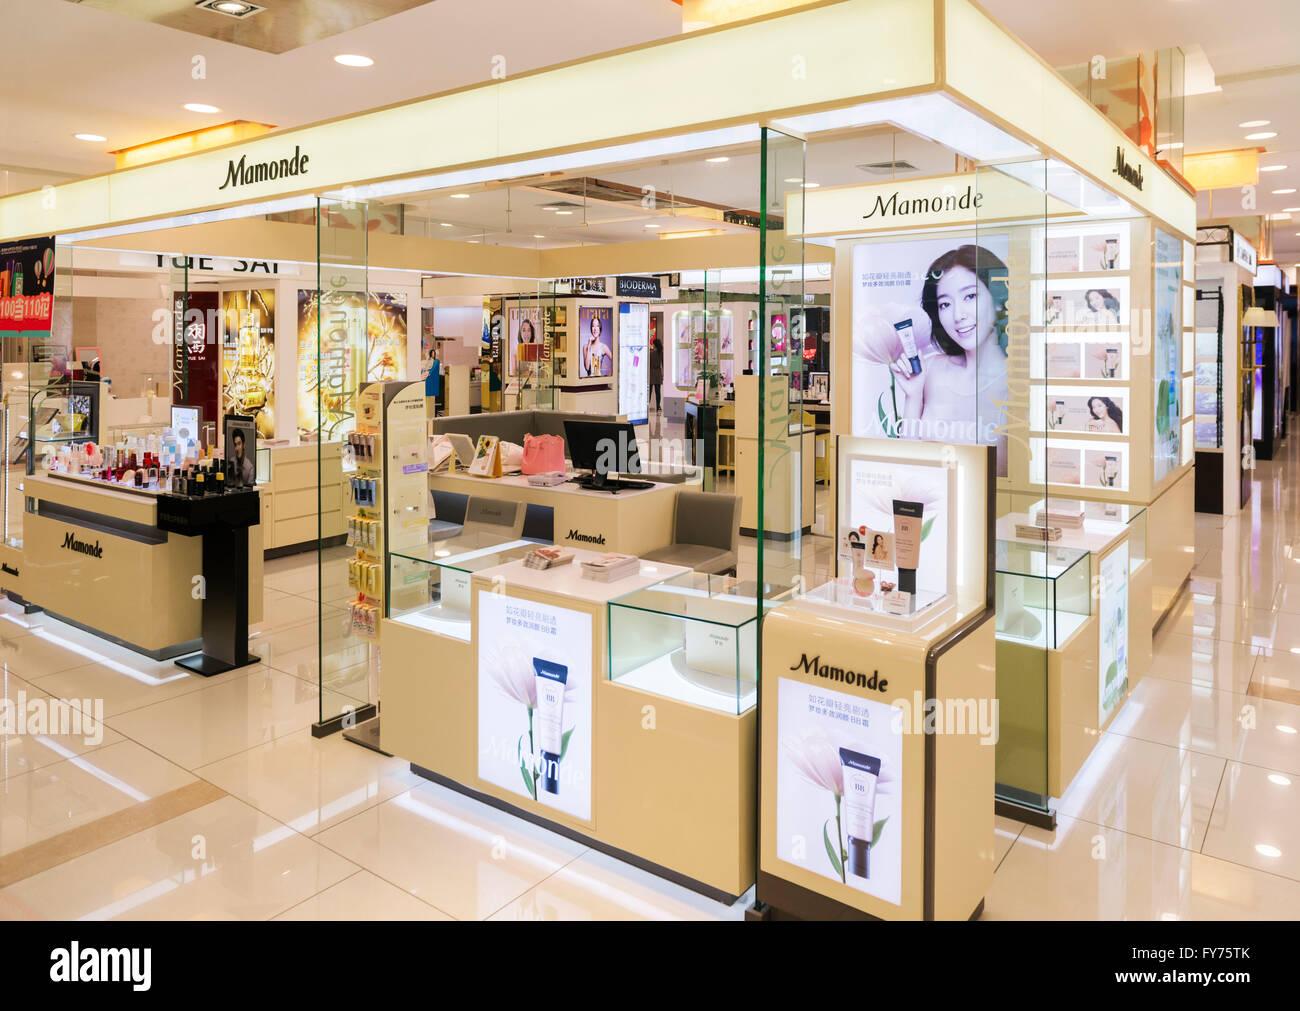 Mamonde Kosmetik und Make-up Store, Anzeige der südkoreanischen Hautpflege-Produkte in einer Shopping-Mall, Stockbild